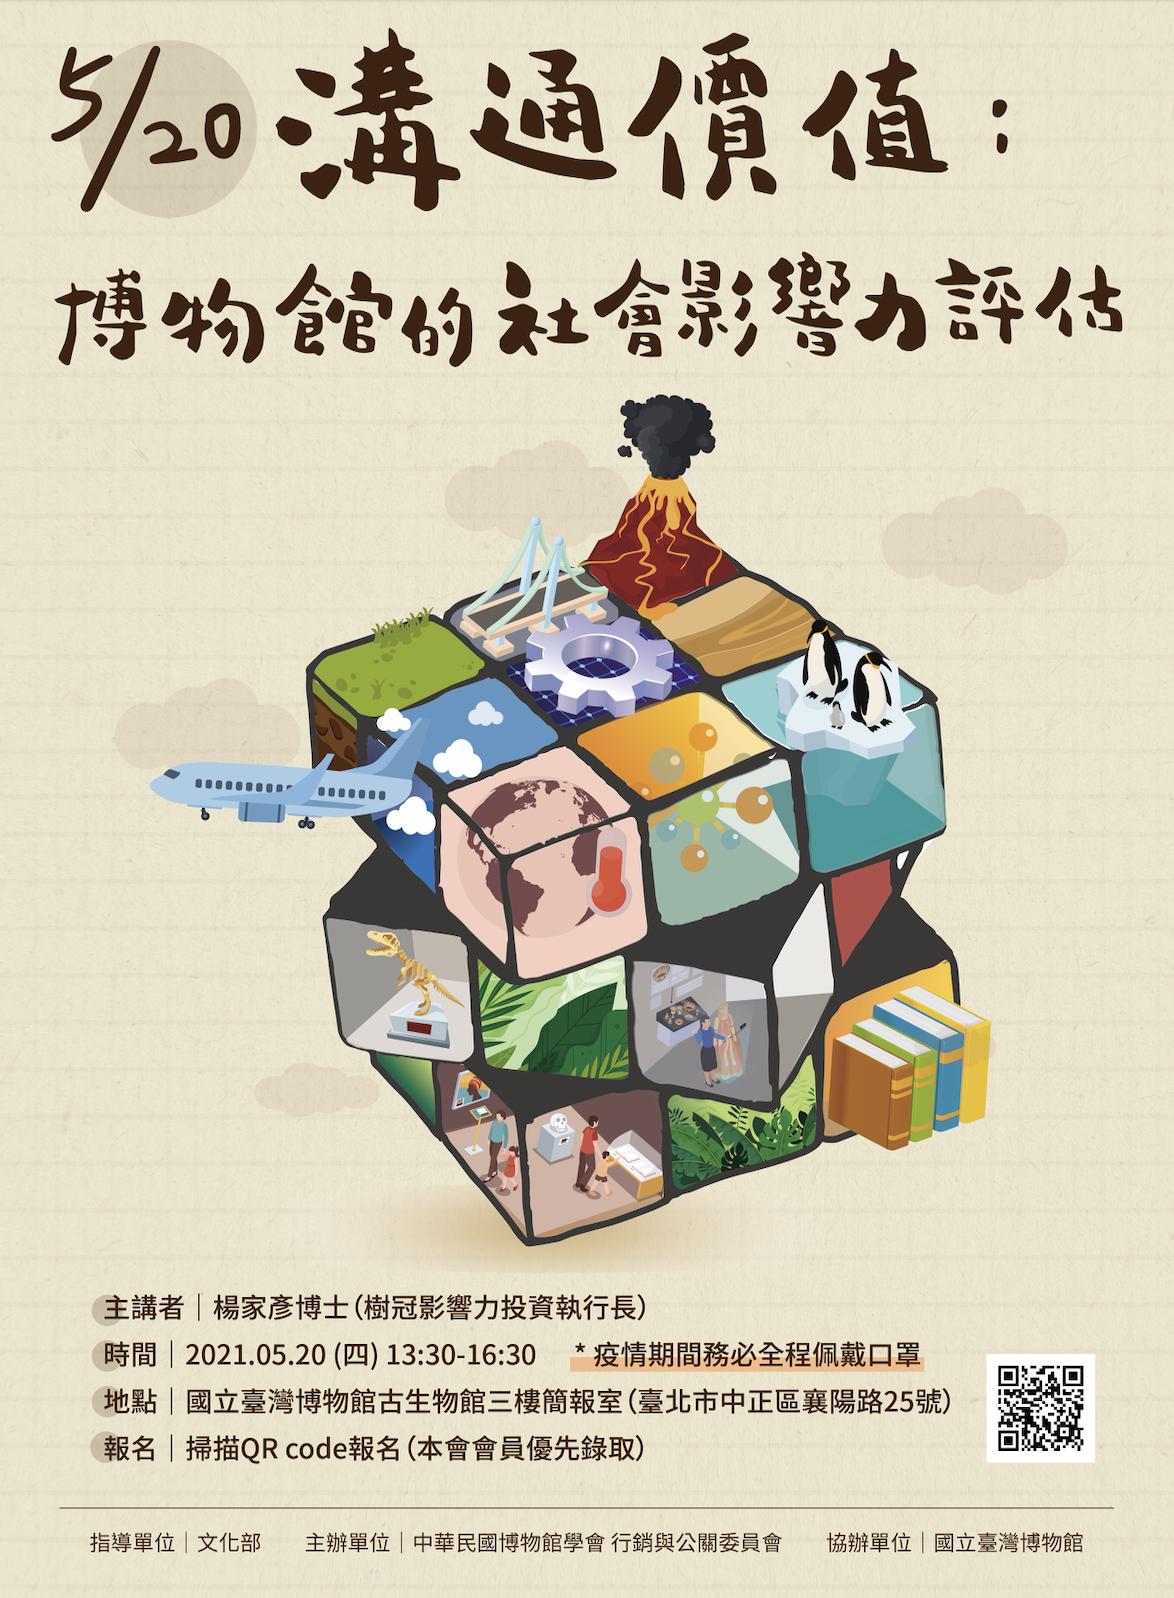 中華民國博物館學會:2021/5/20【溝通價值:博物館的社會影響力評估】(因應疫情,延期舉行,謝謝大家!)